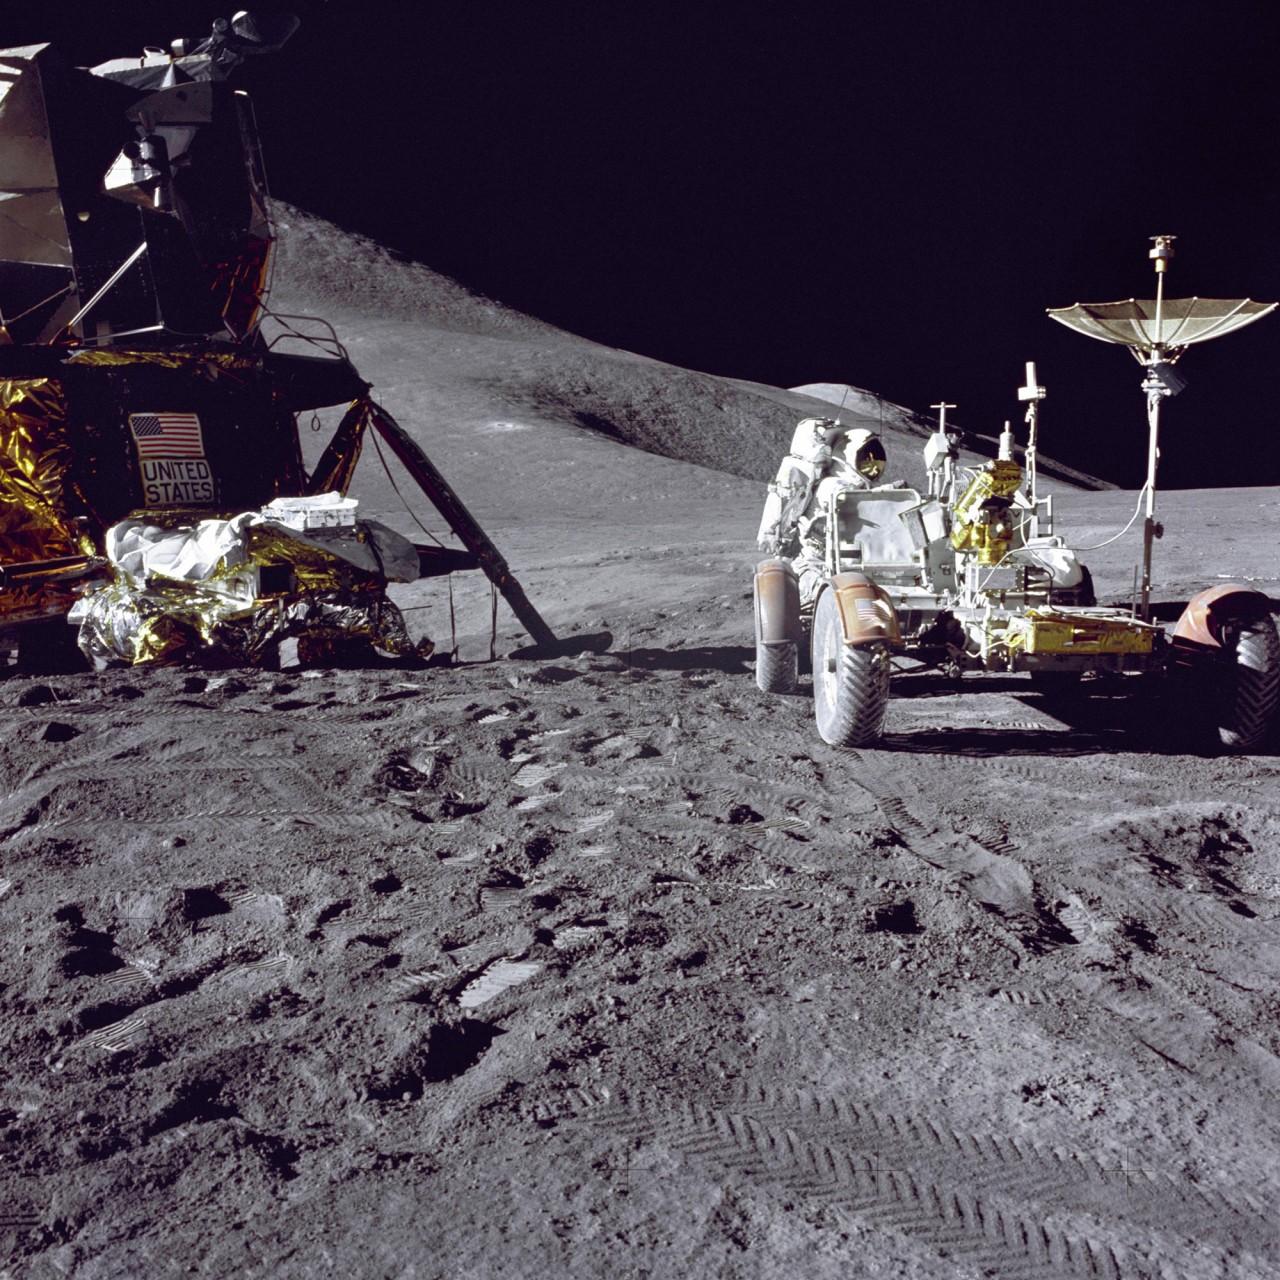 После контакта с инопланетянами на Луне, астронавтам стерли память